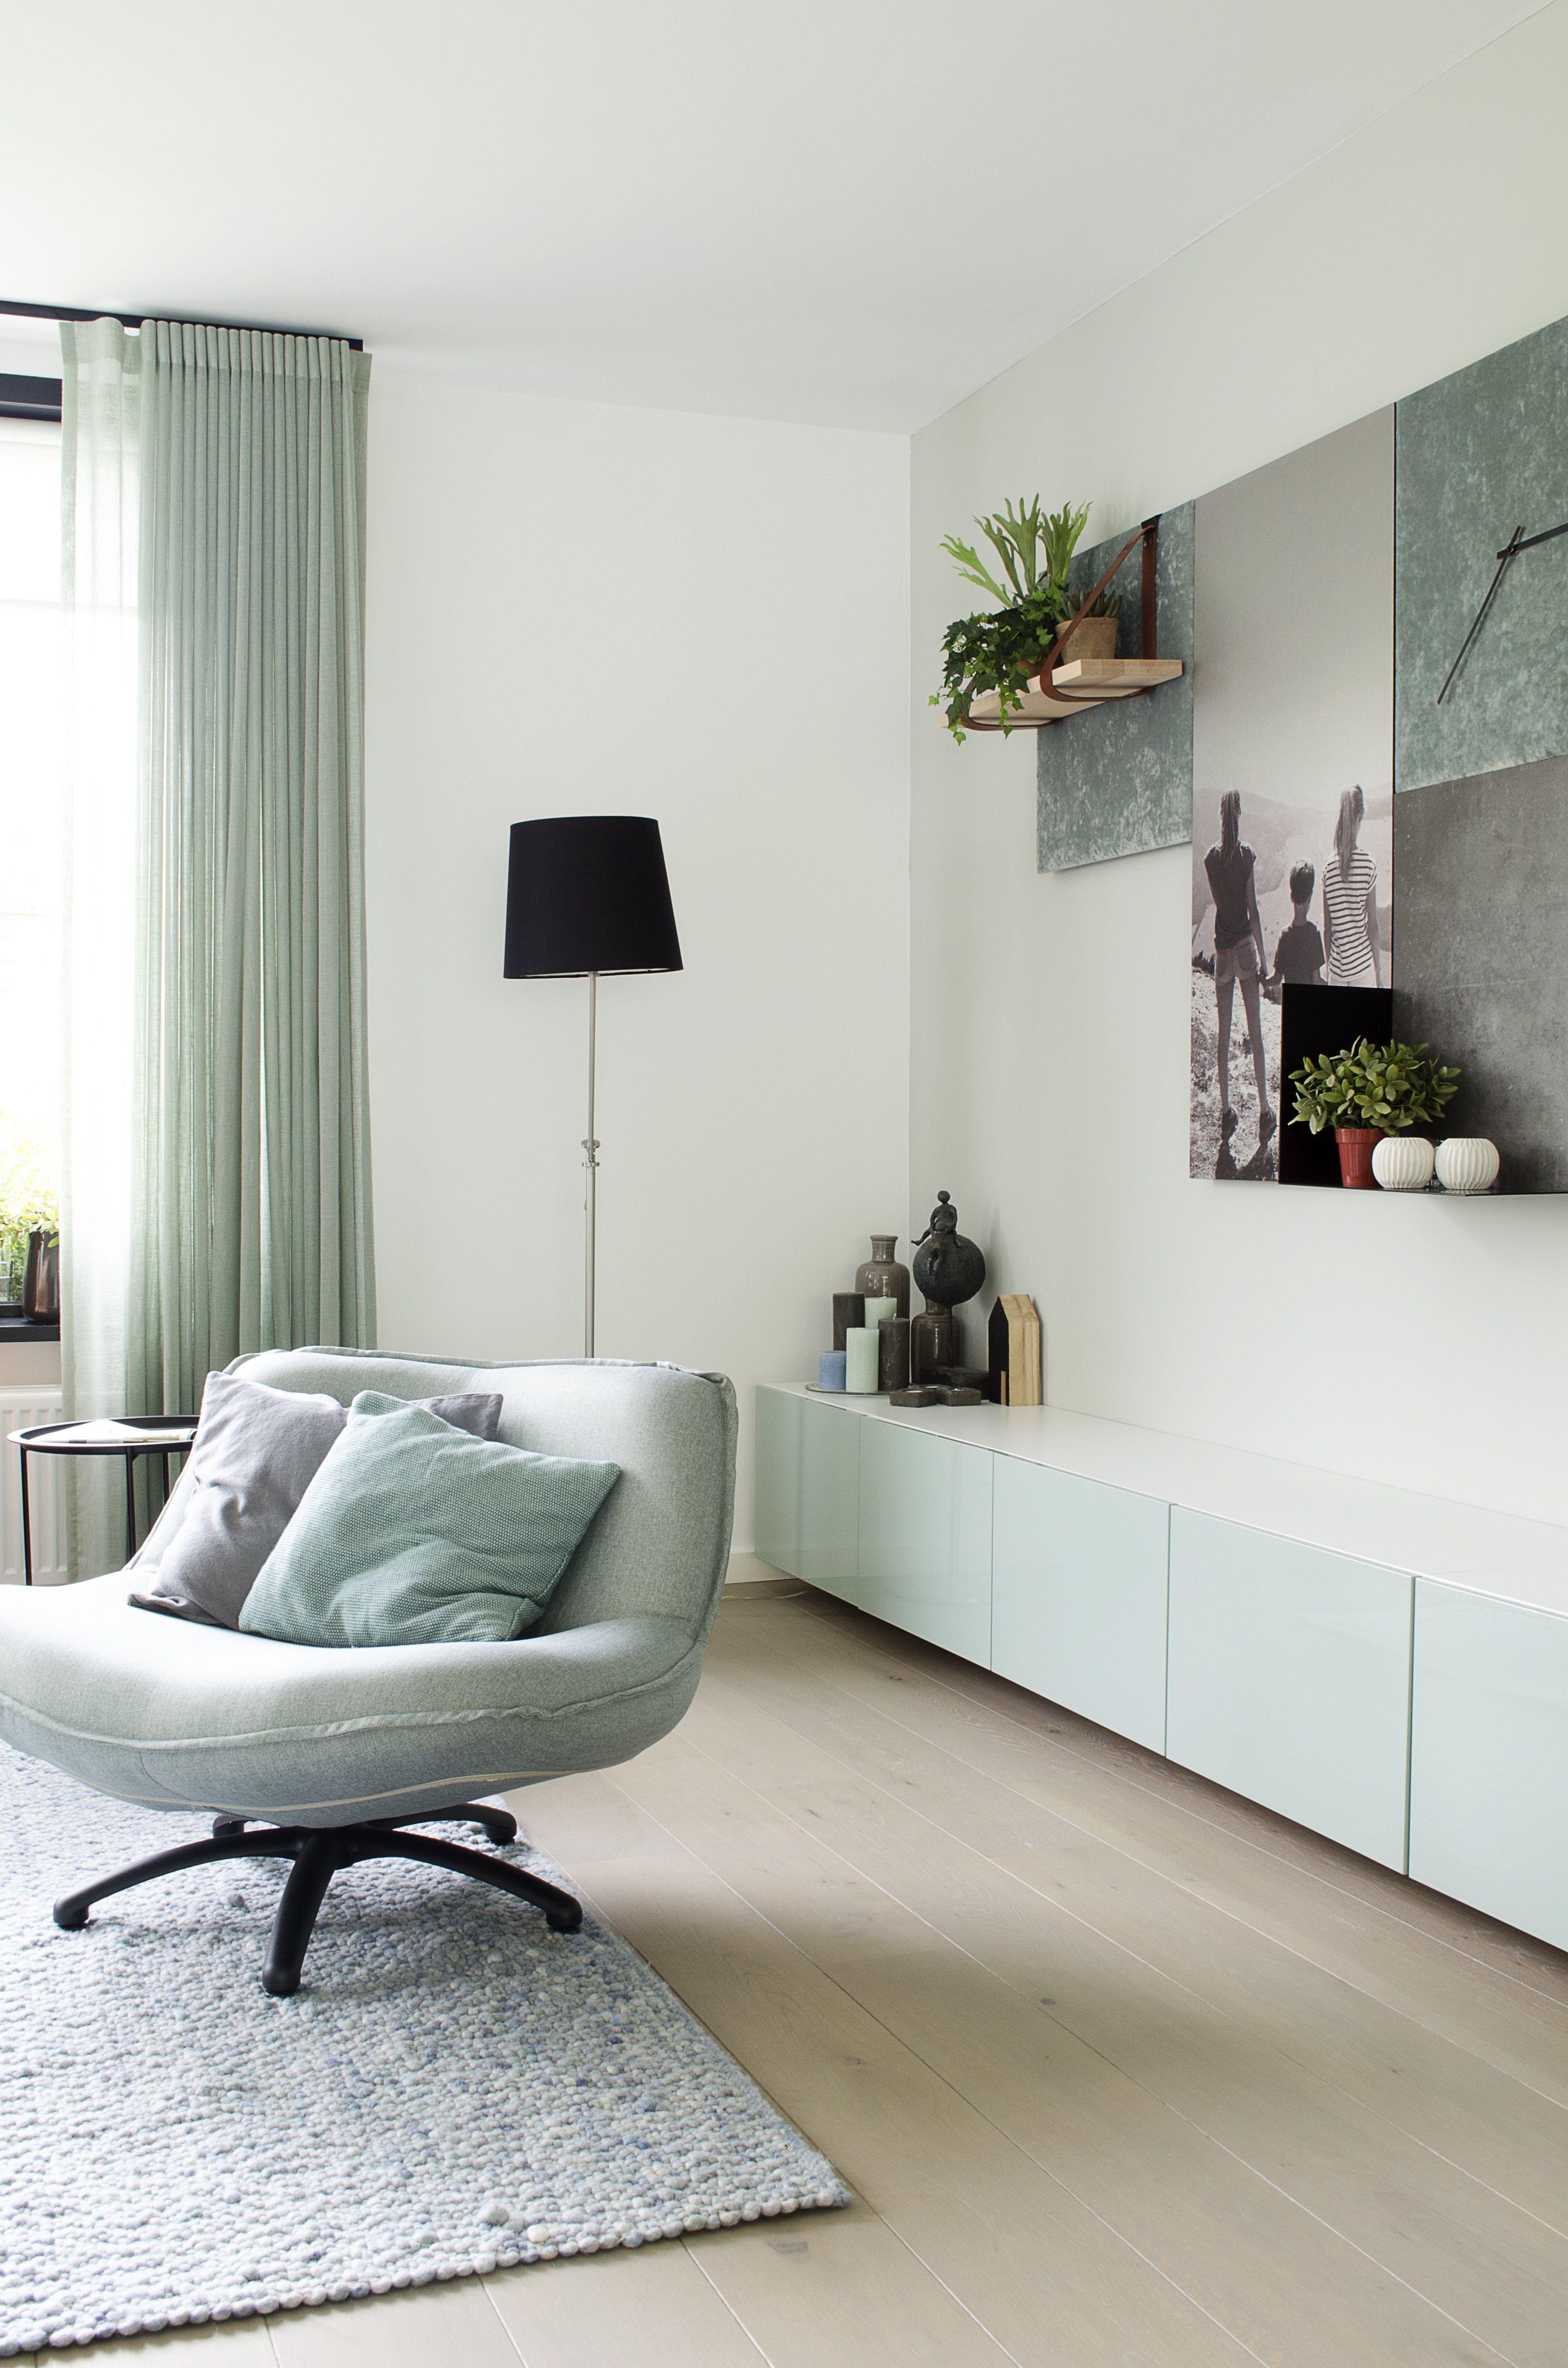 home made by_stijl binnenkijker stylist ingrid woonkamer inspiratie sfeervol interieur trends tijdloos stoel lamp gordijnen gordijnen